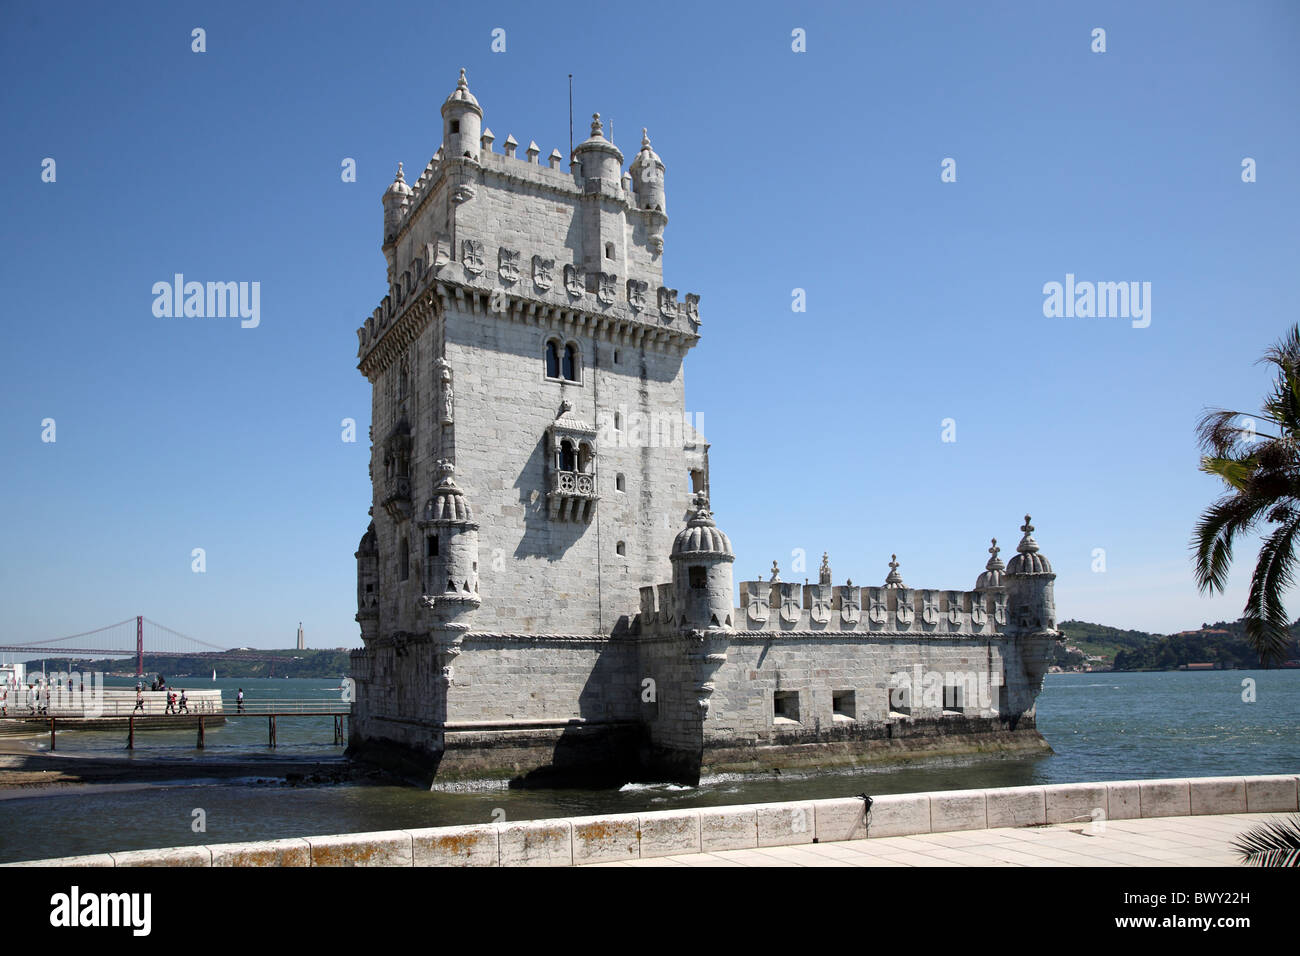 Portugal Lissabon Lisbon Belem Torre de Belem - Stock Image